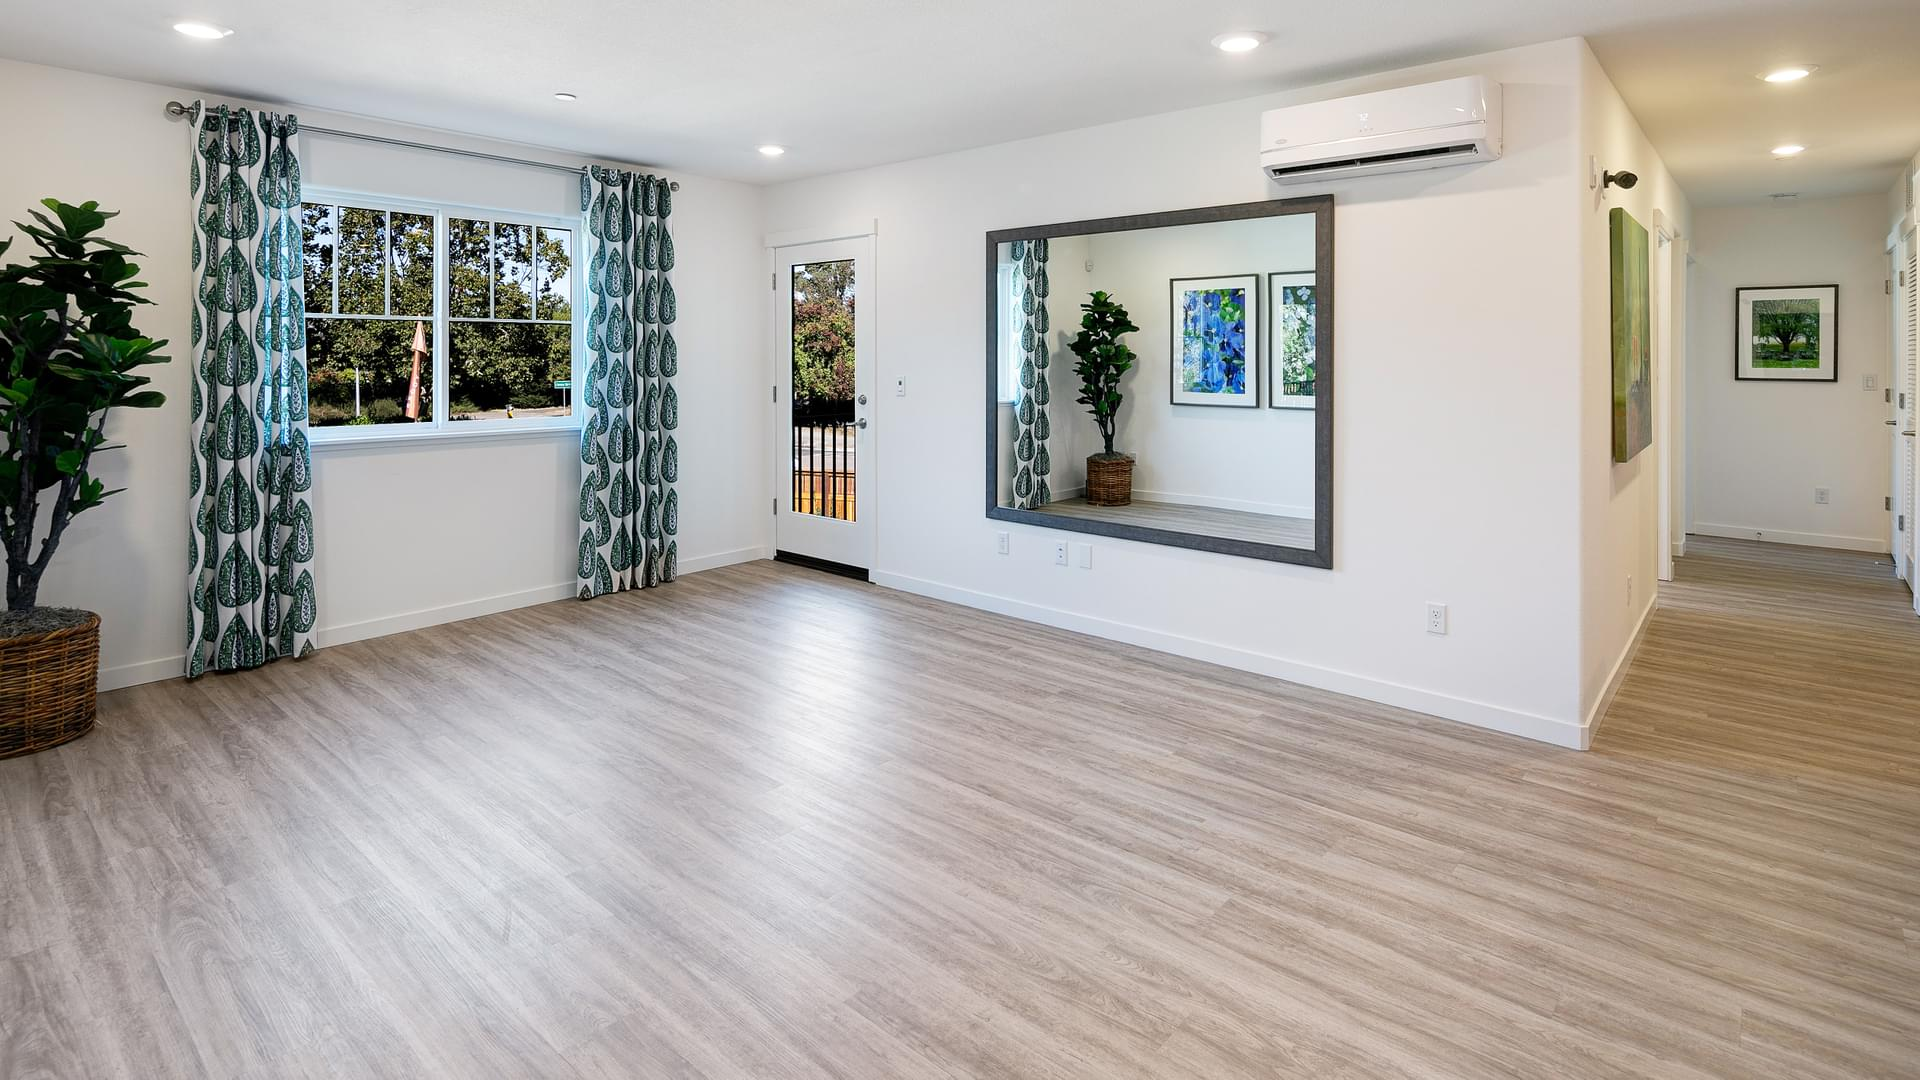 Residence 5 Living Room